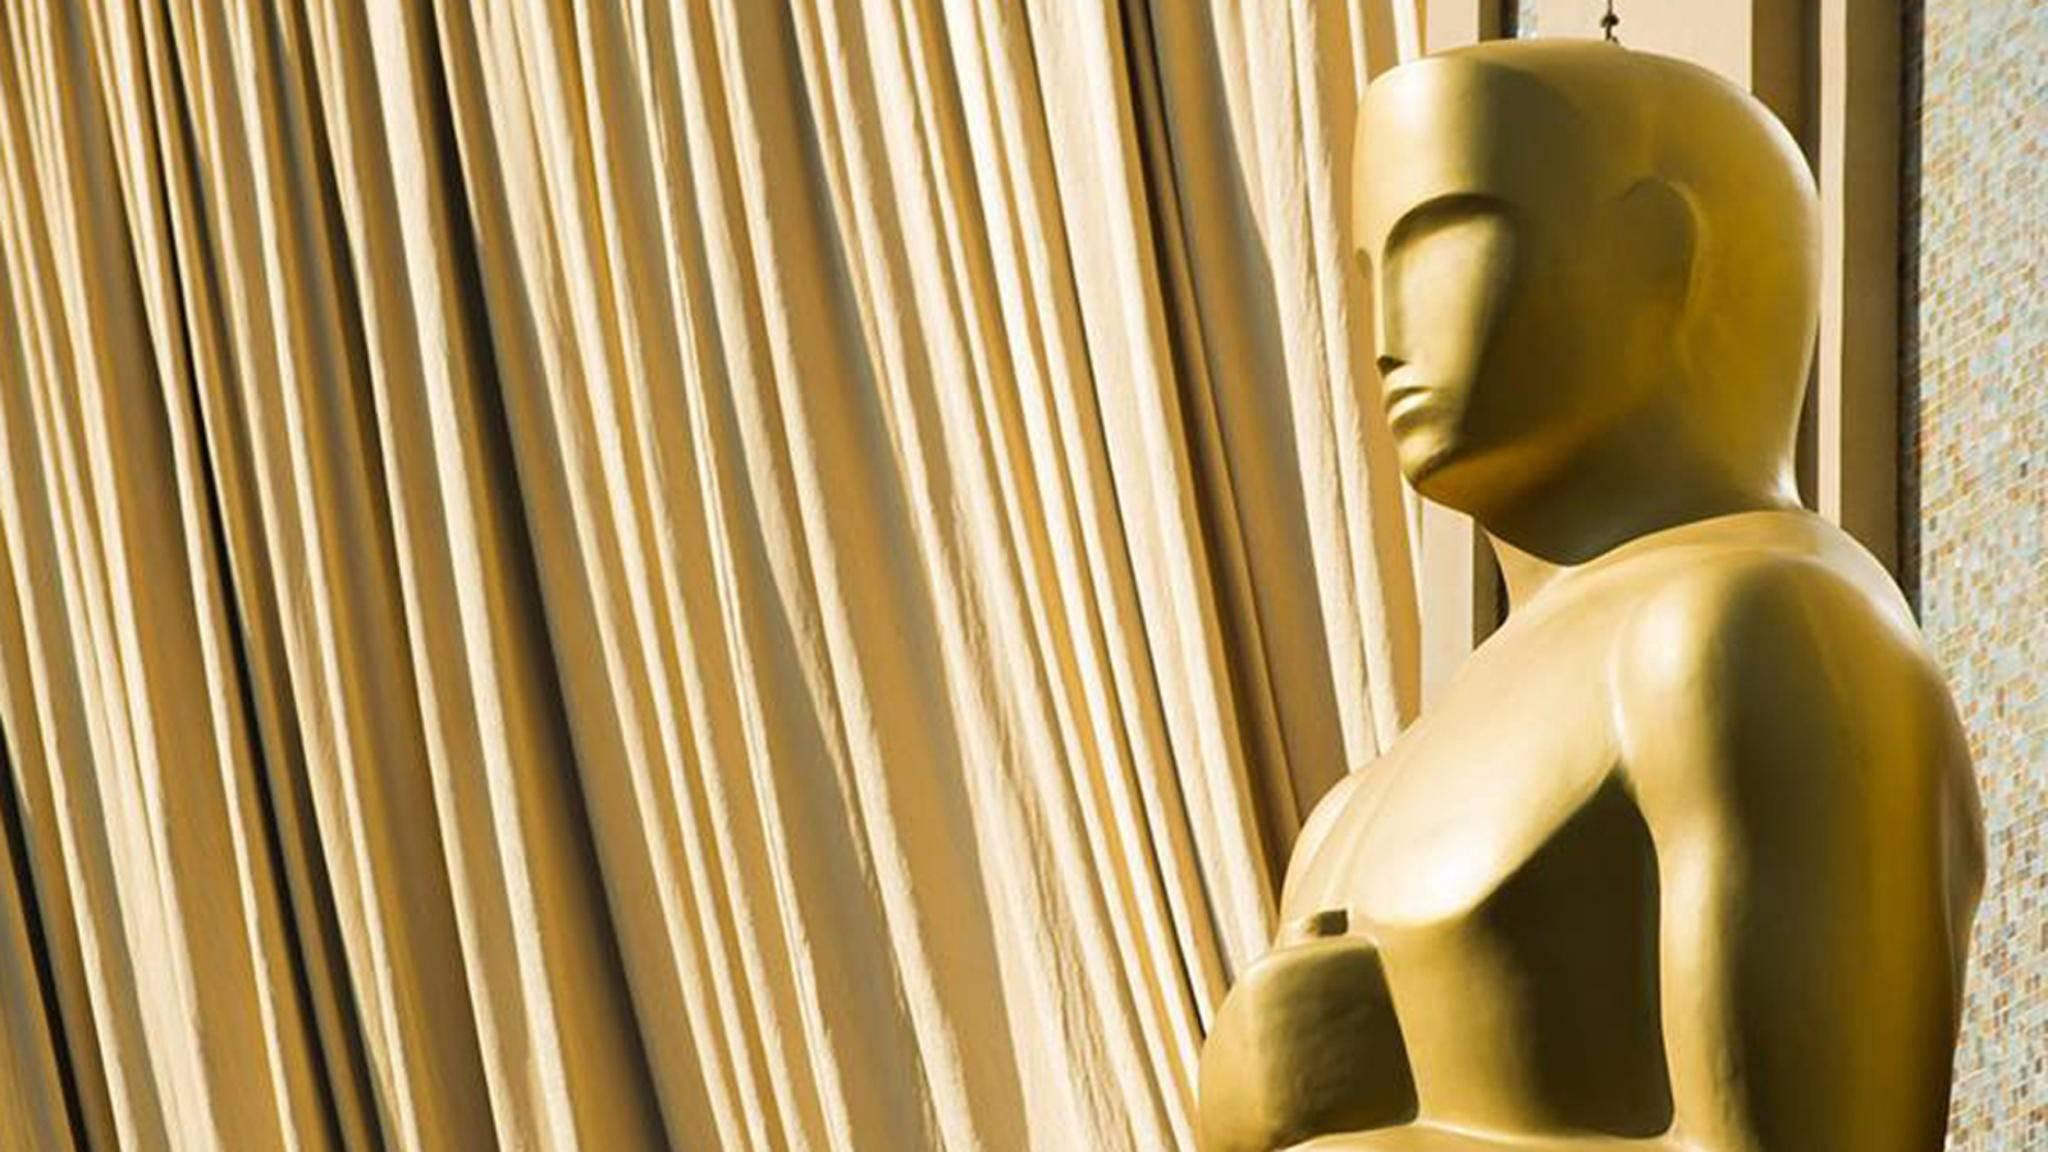 Oscars_Facebook_TheAcademy_